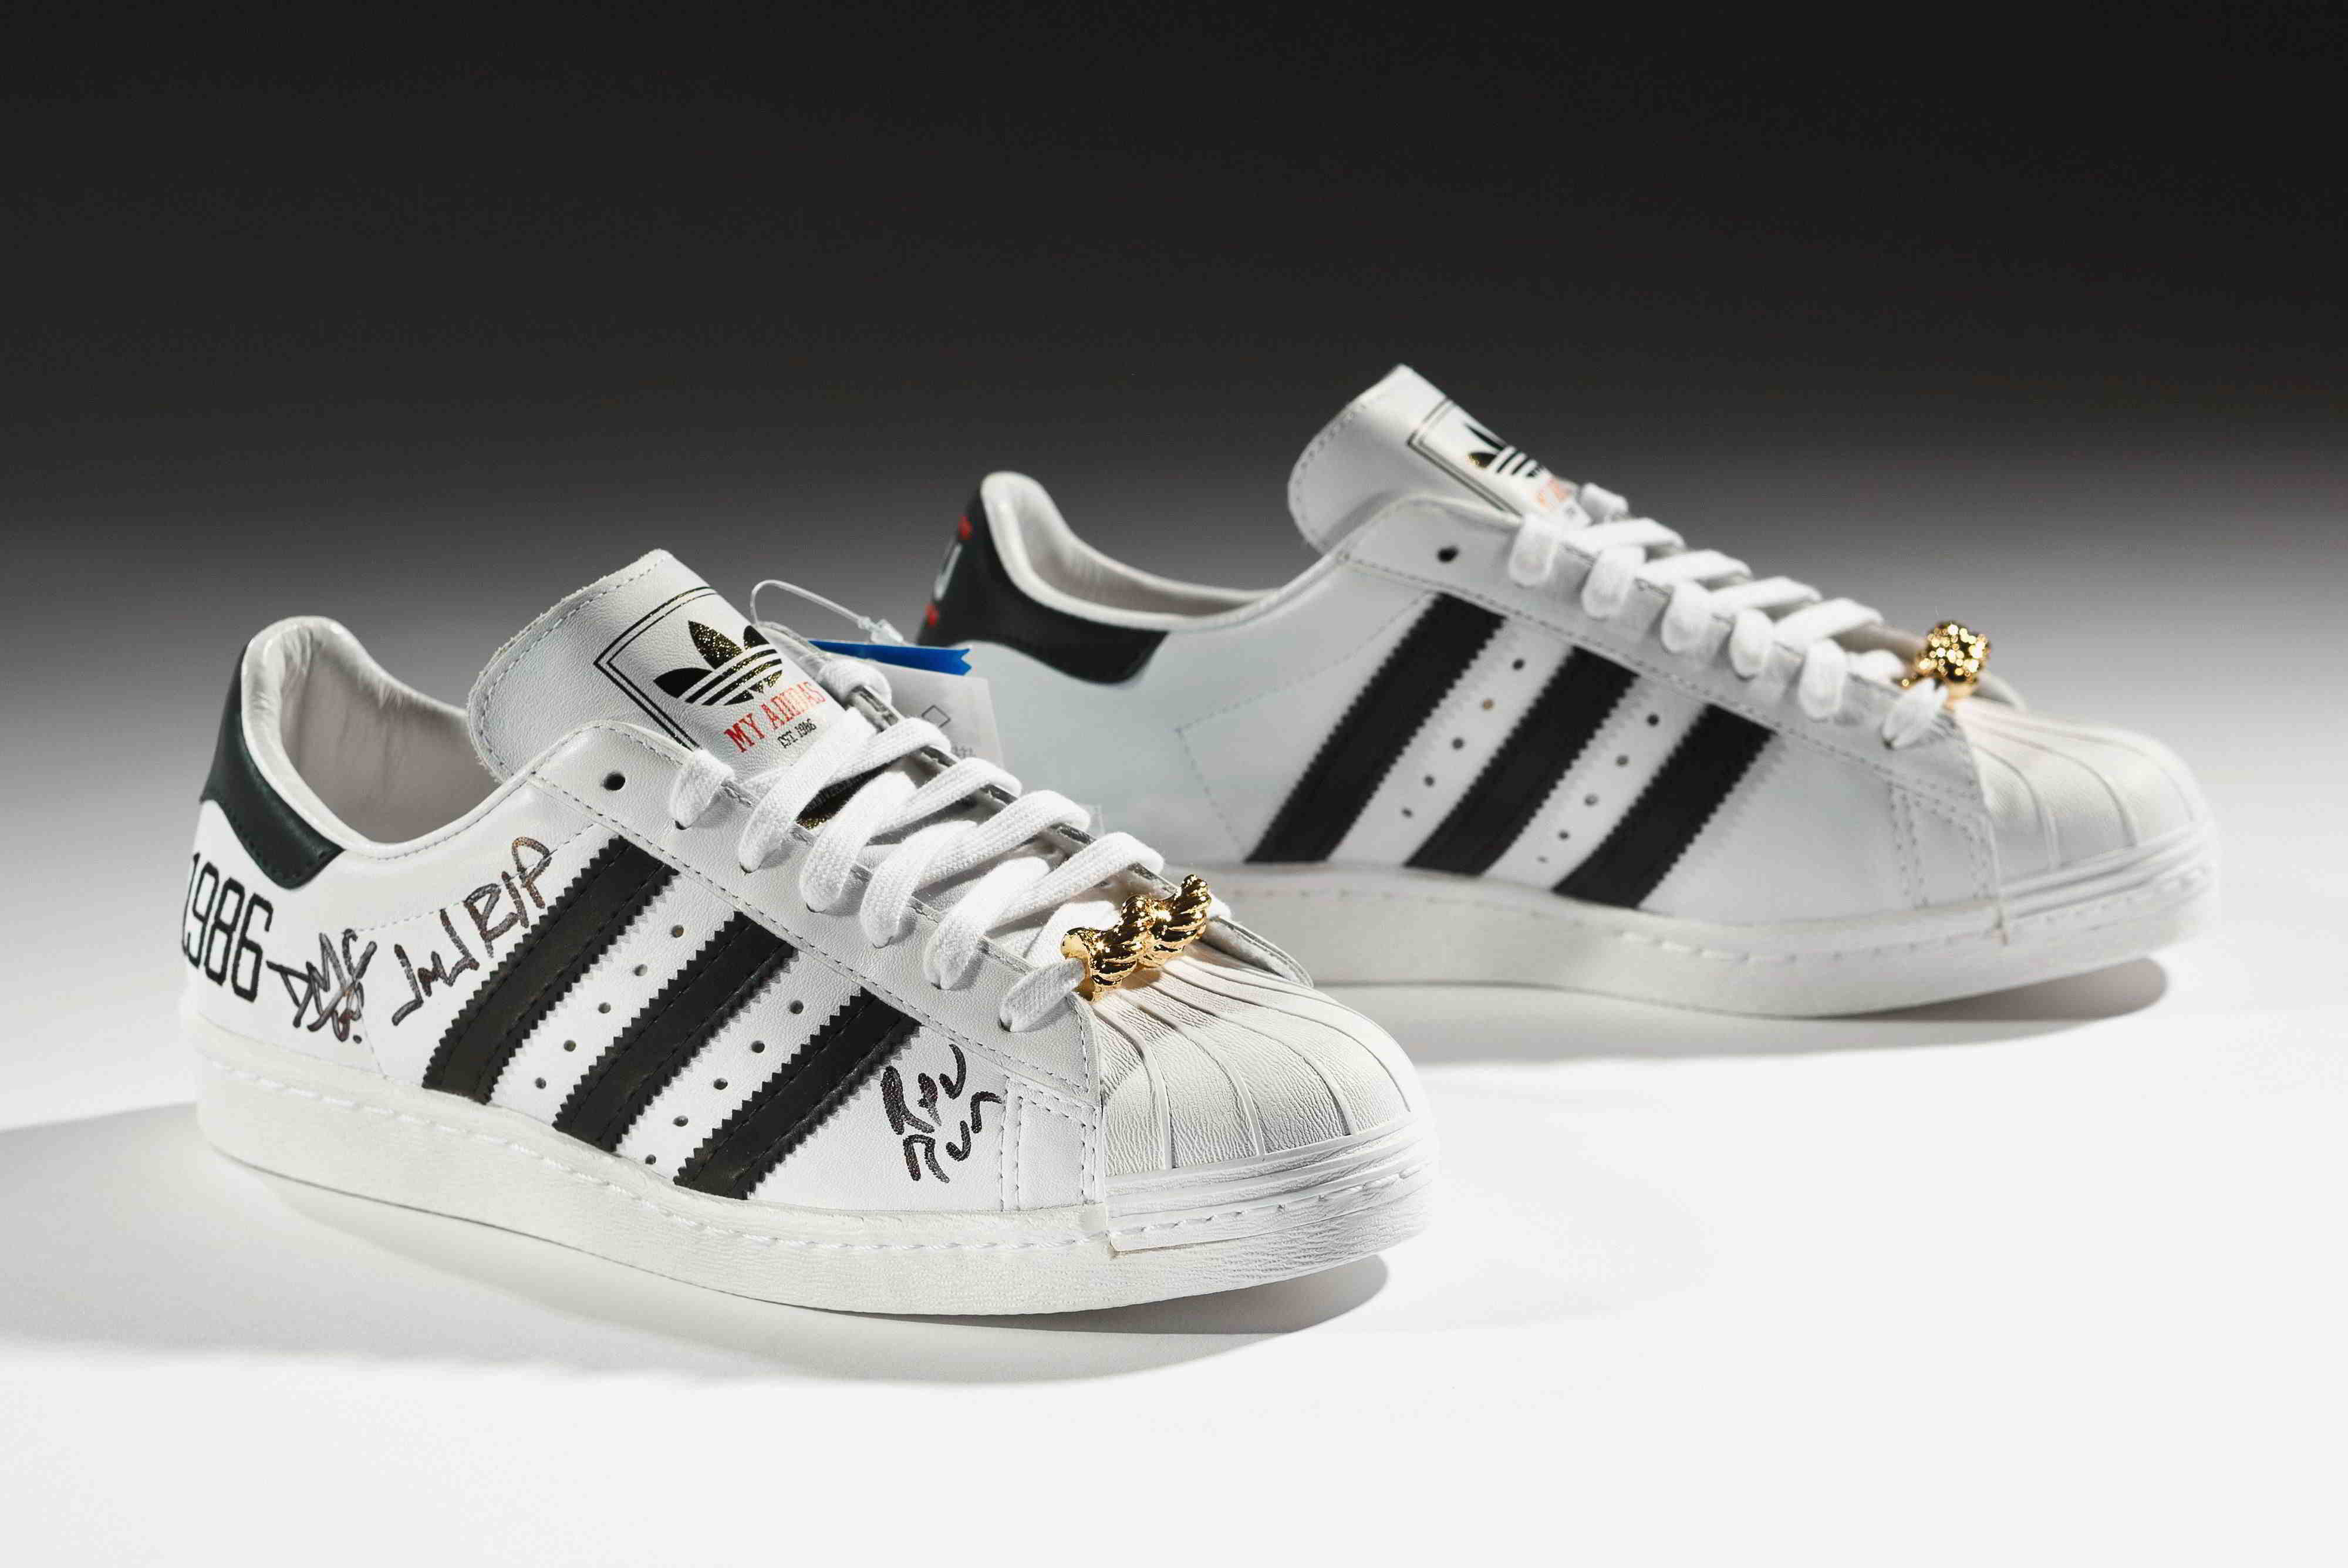 33a4793778bc Российский рынок спортивной обуви в данный момент располагает огромным  количеством вариантов, где каждый человек сможет найти что-то, идеально  подходящее ...